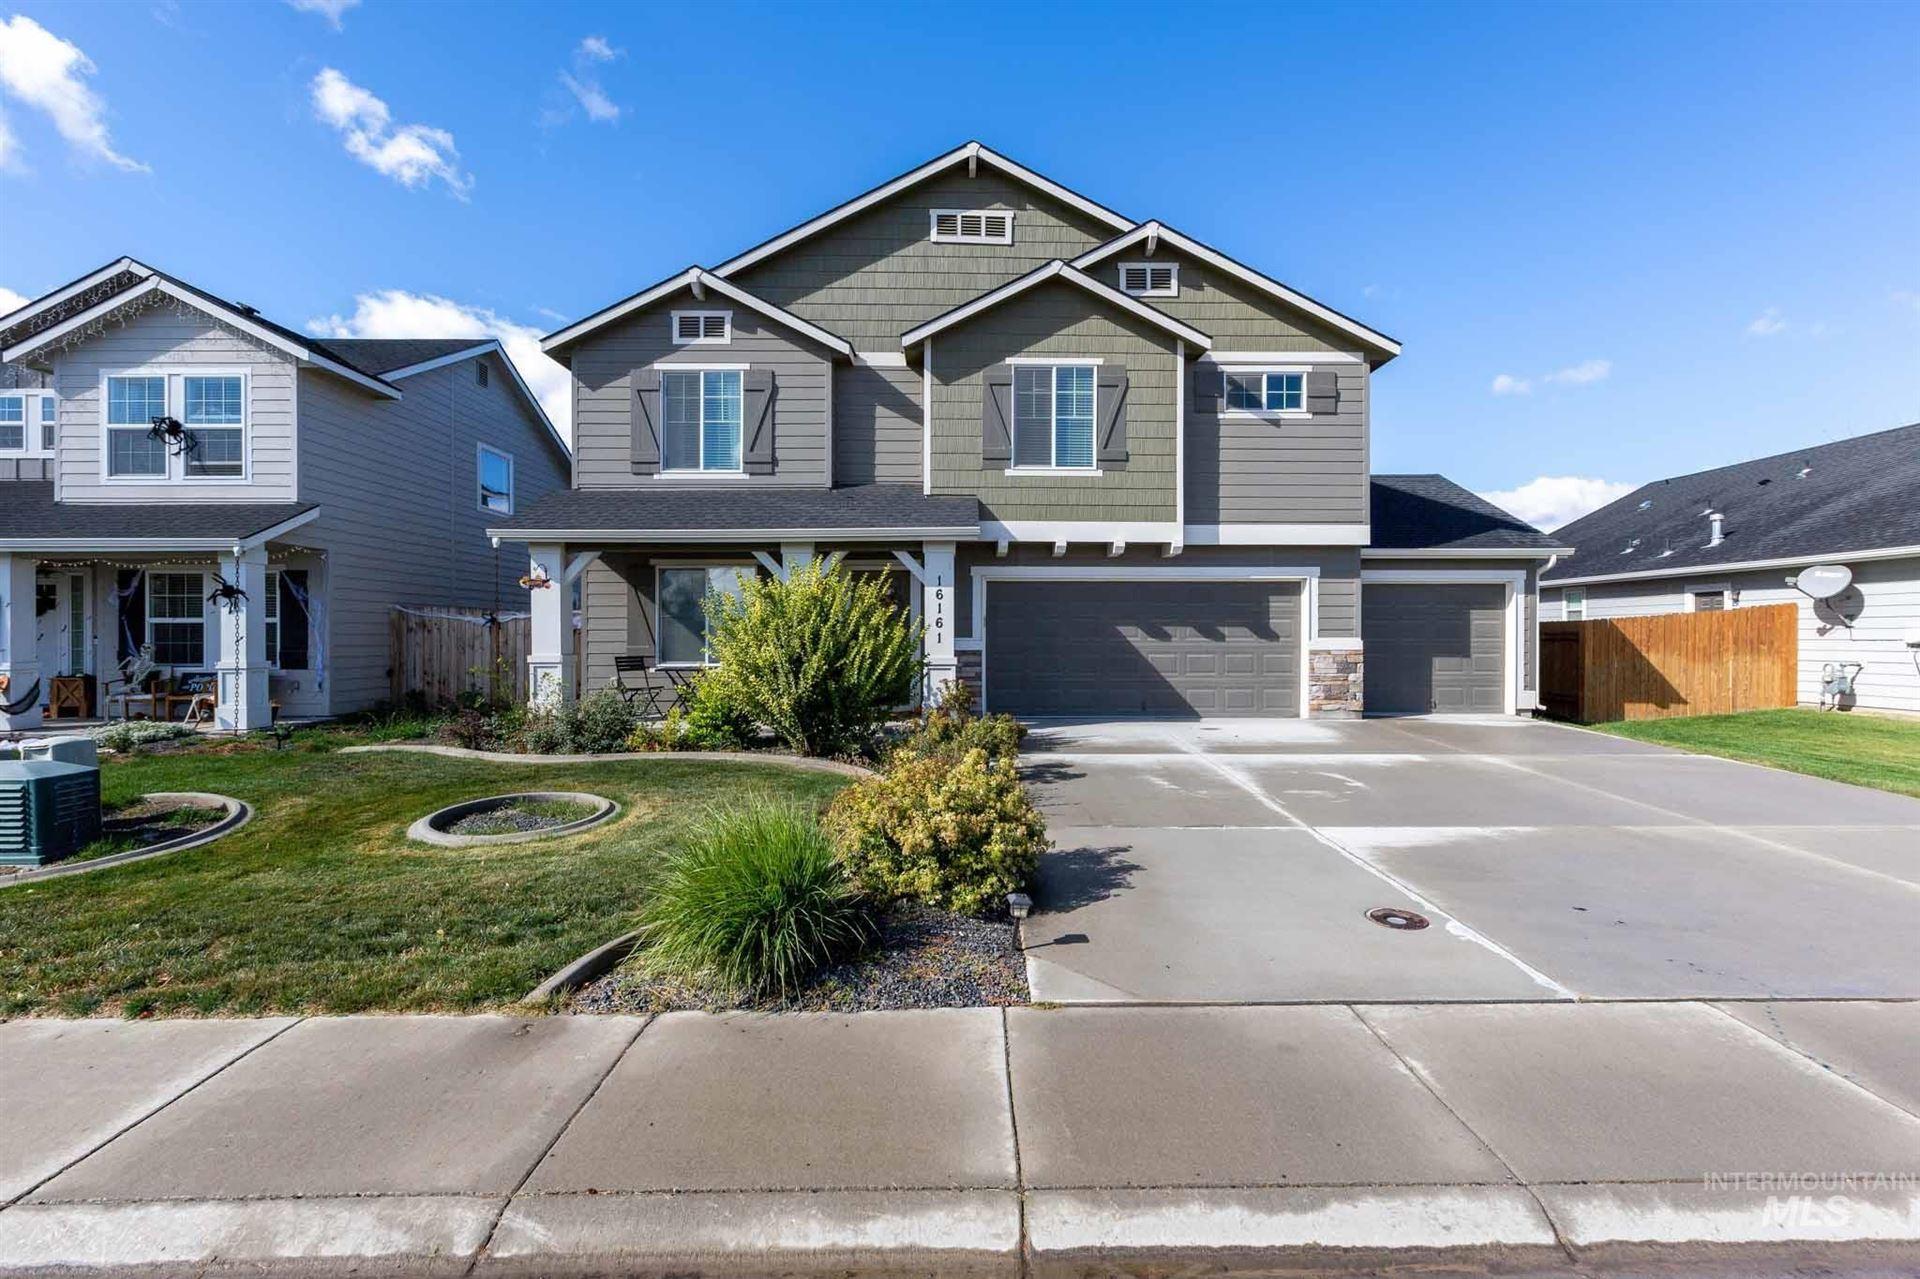 16161 Meander Creek Way, Nampa, ID 83651 - MLS#: 98820719